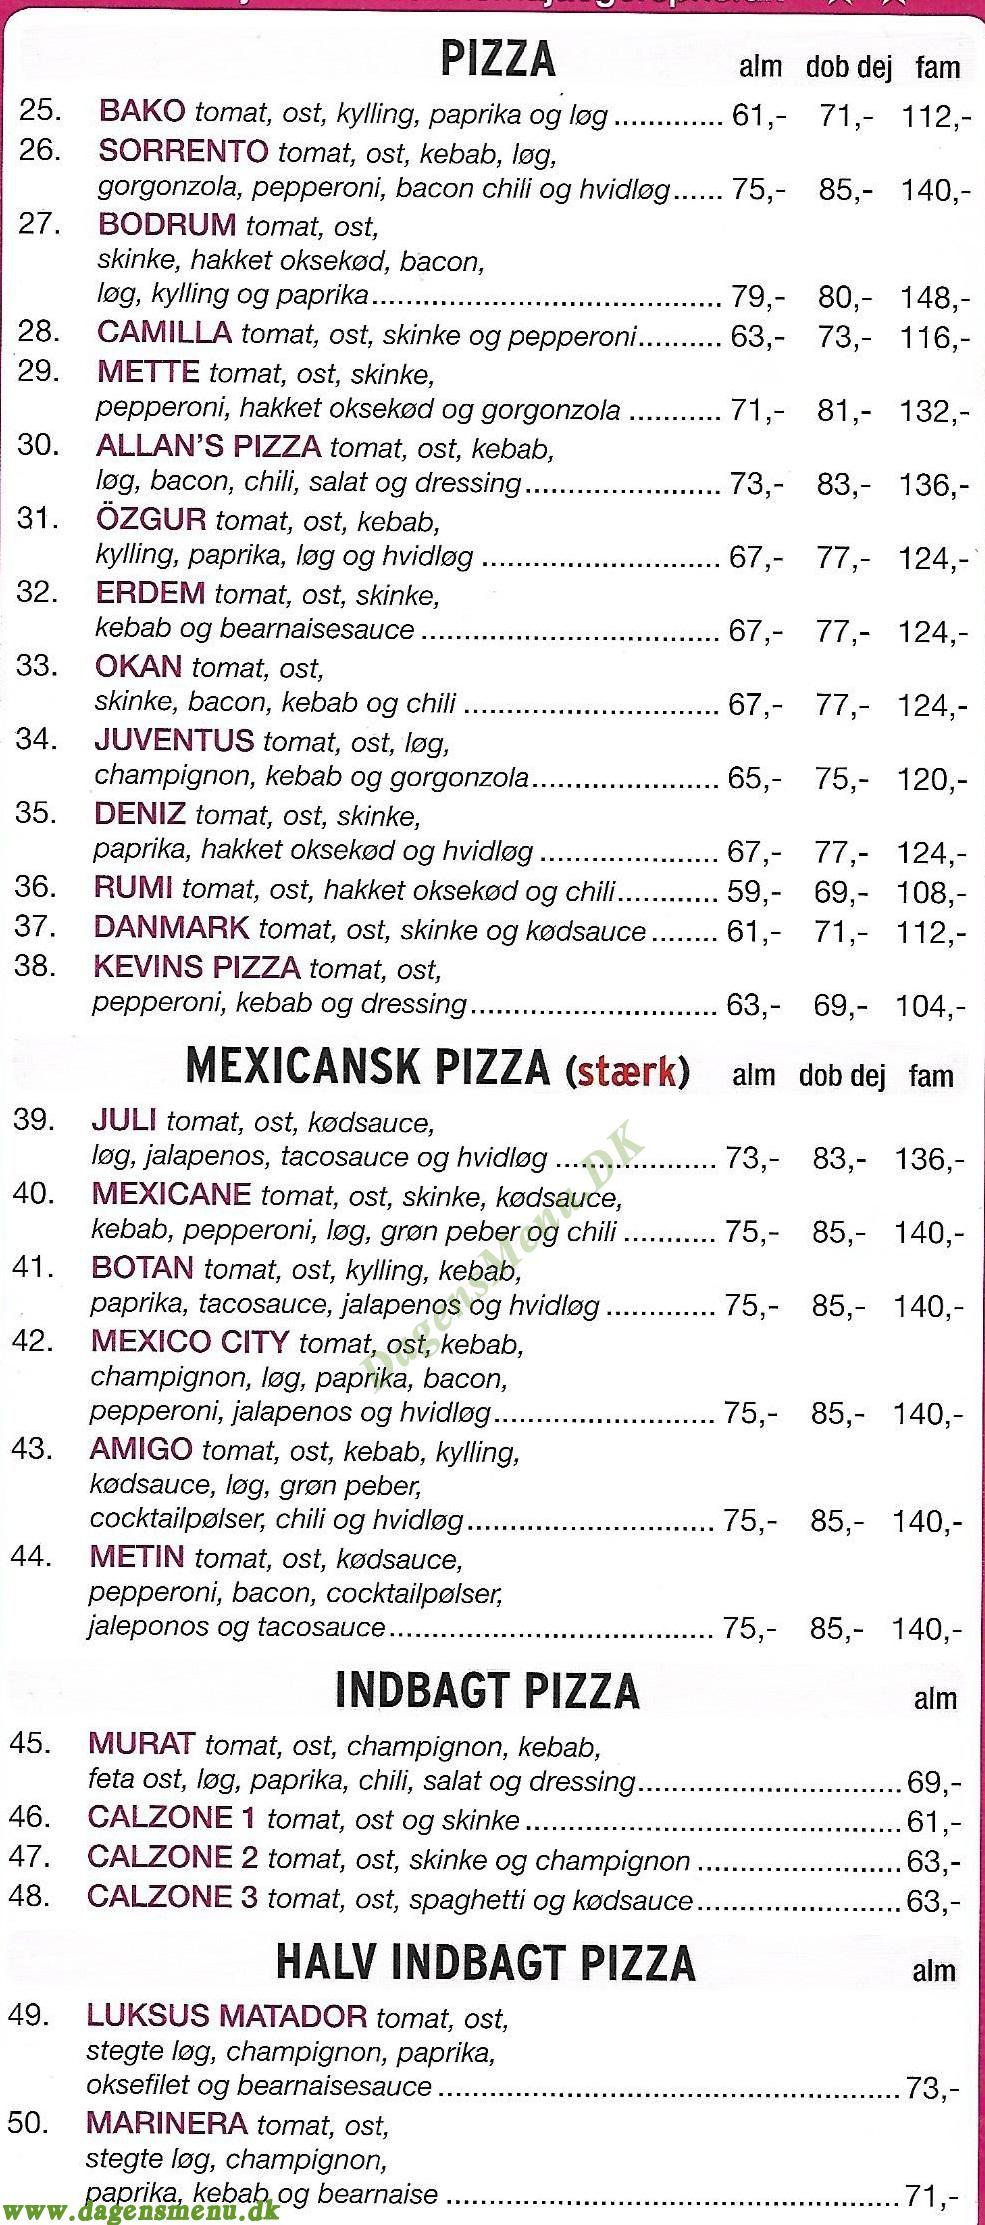 Roma Pizzeria - Menukort